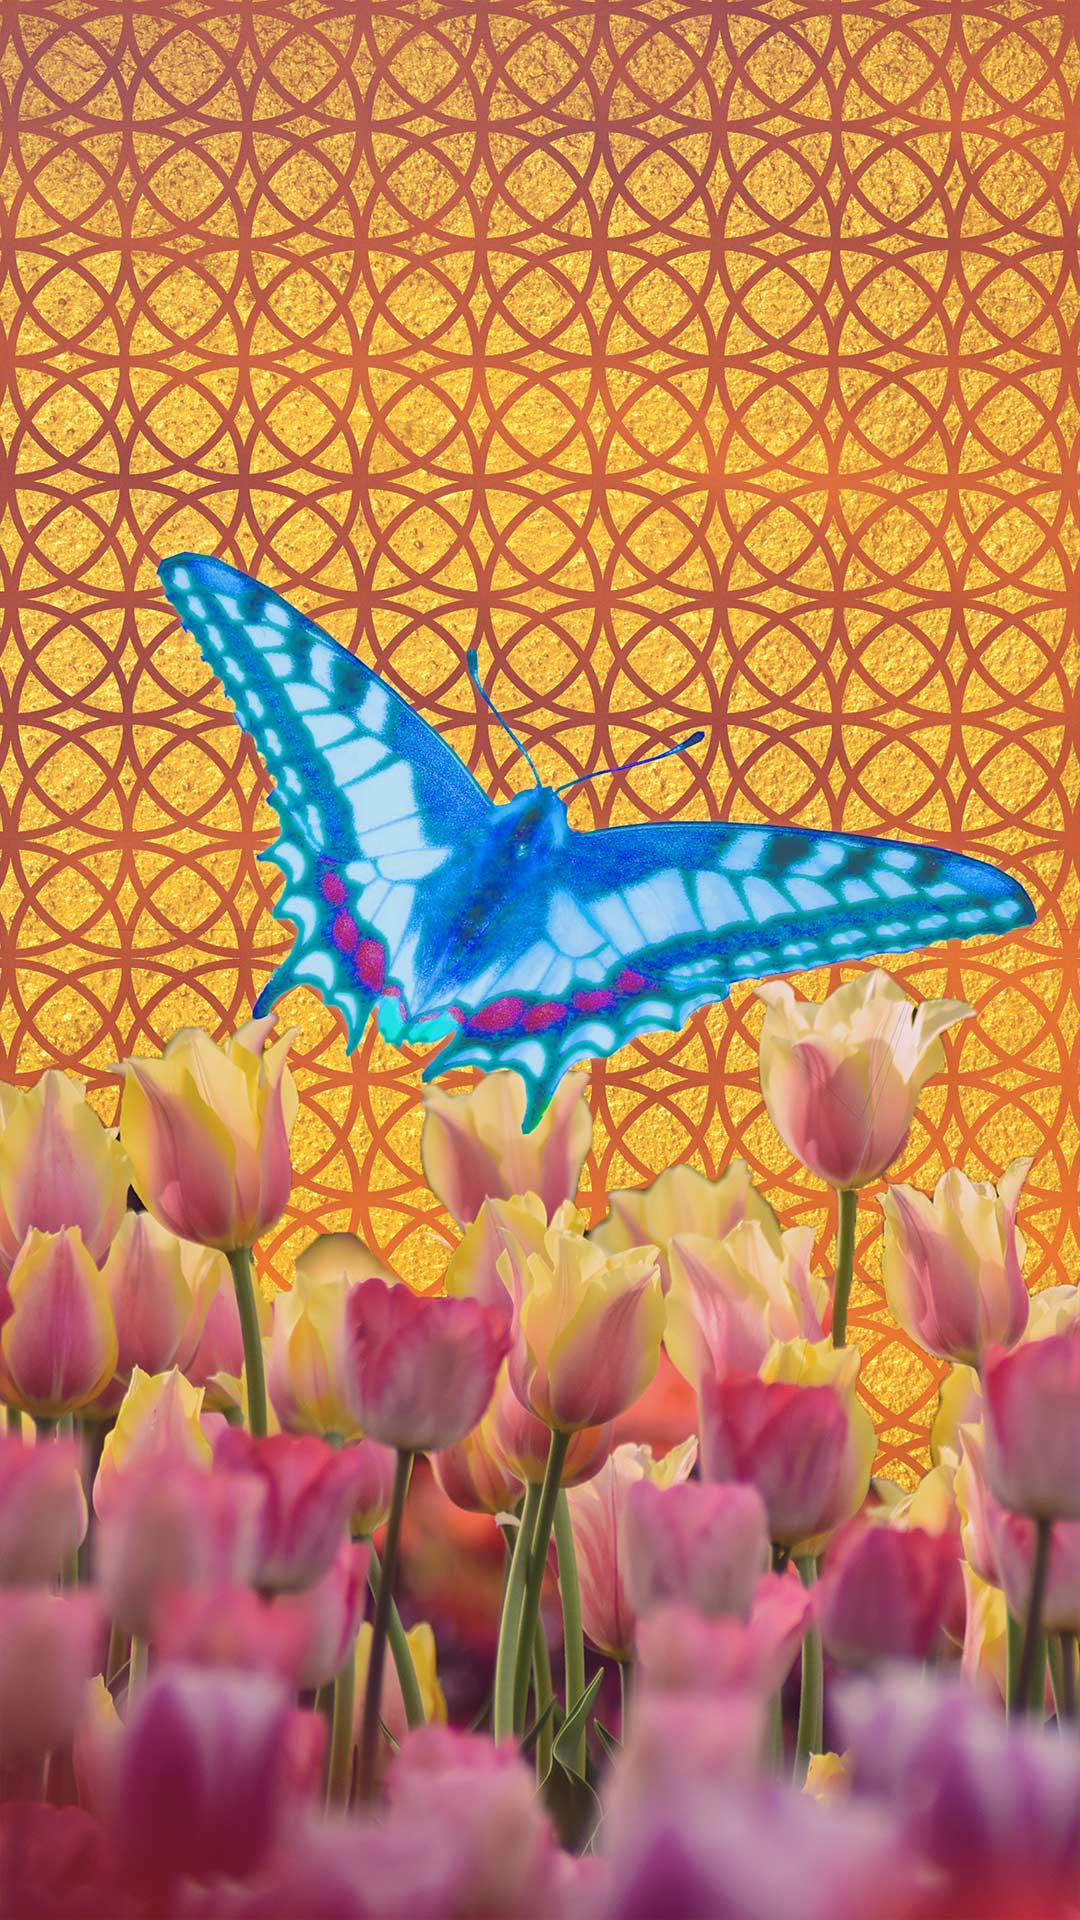 labratterfly.jpg